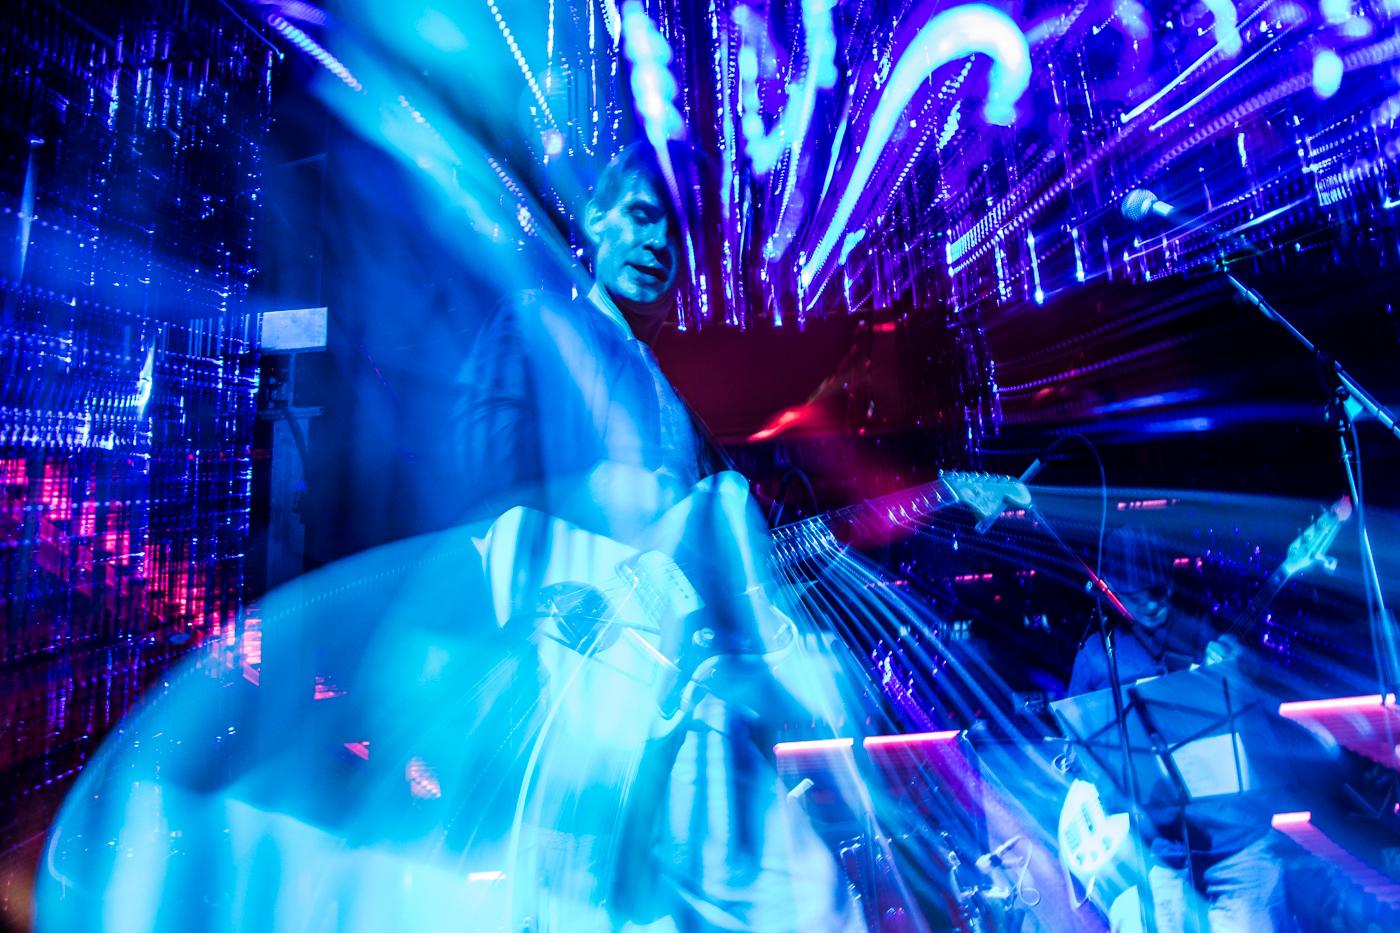 Thor De Force - Live@Nublu#4 - by Ridhima Hegde.jpg.jpg